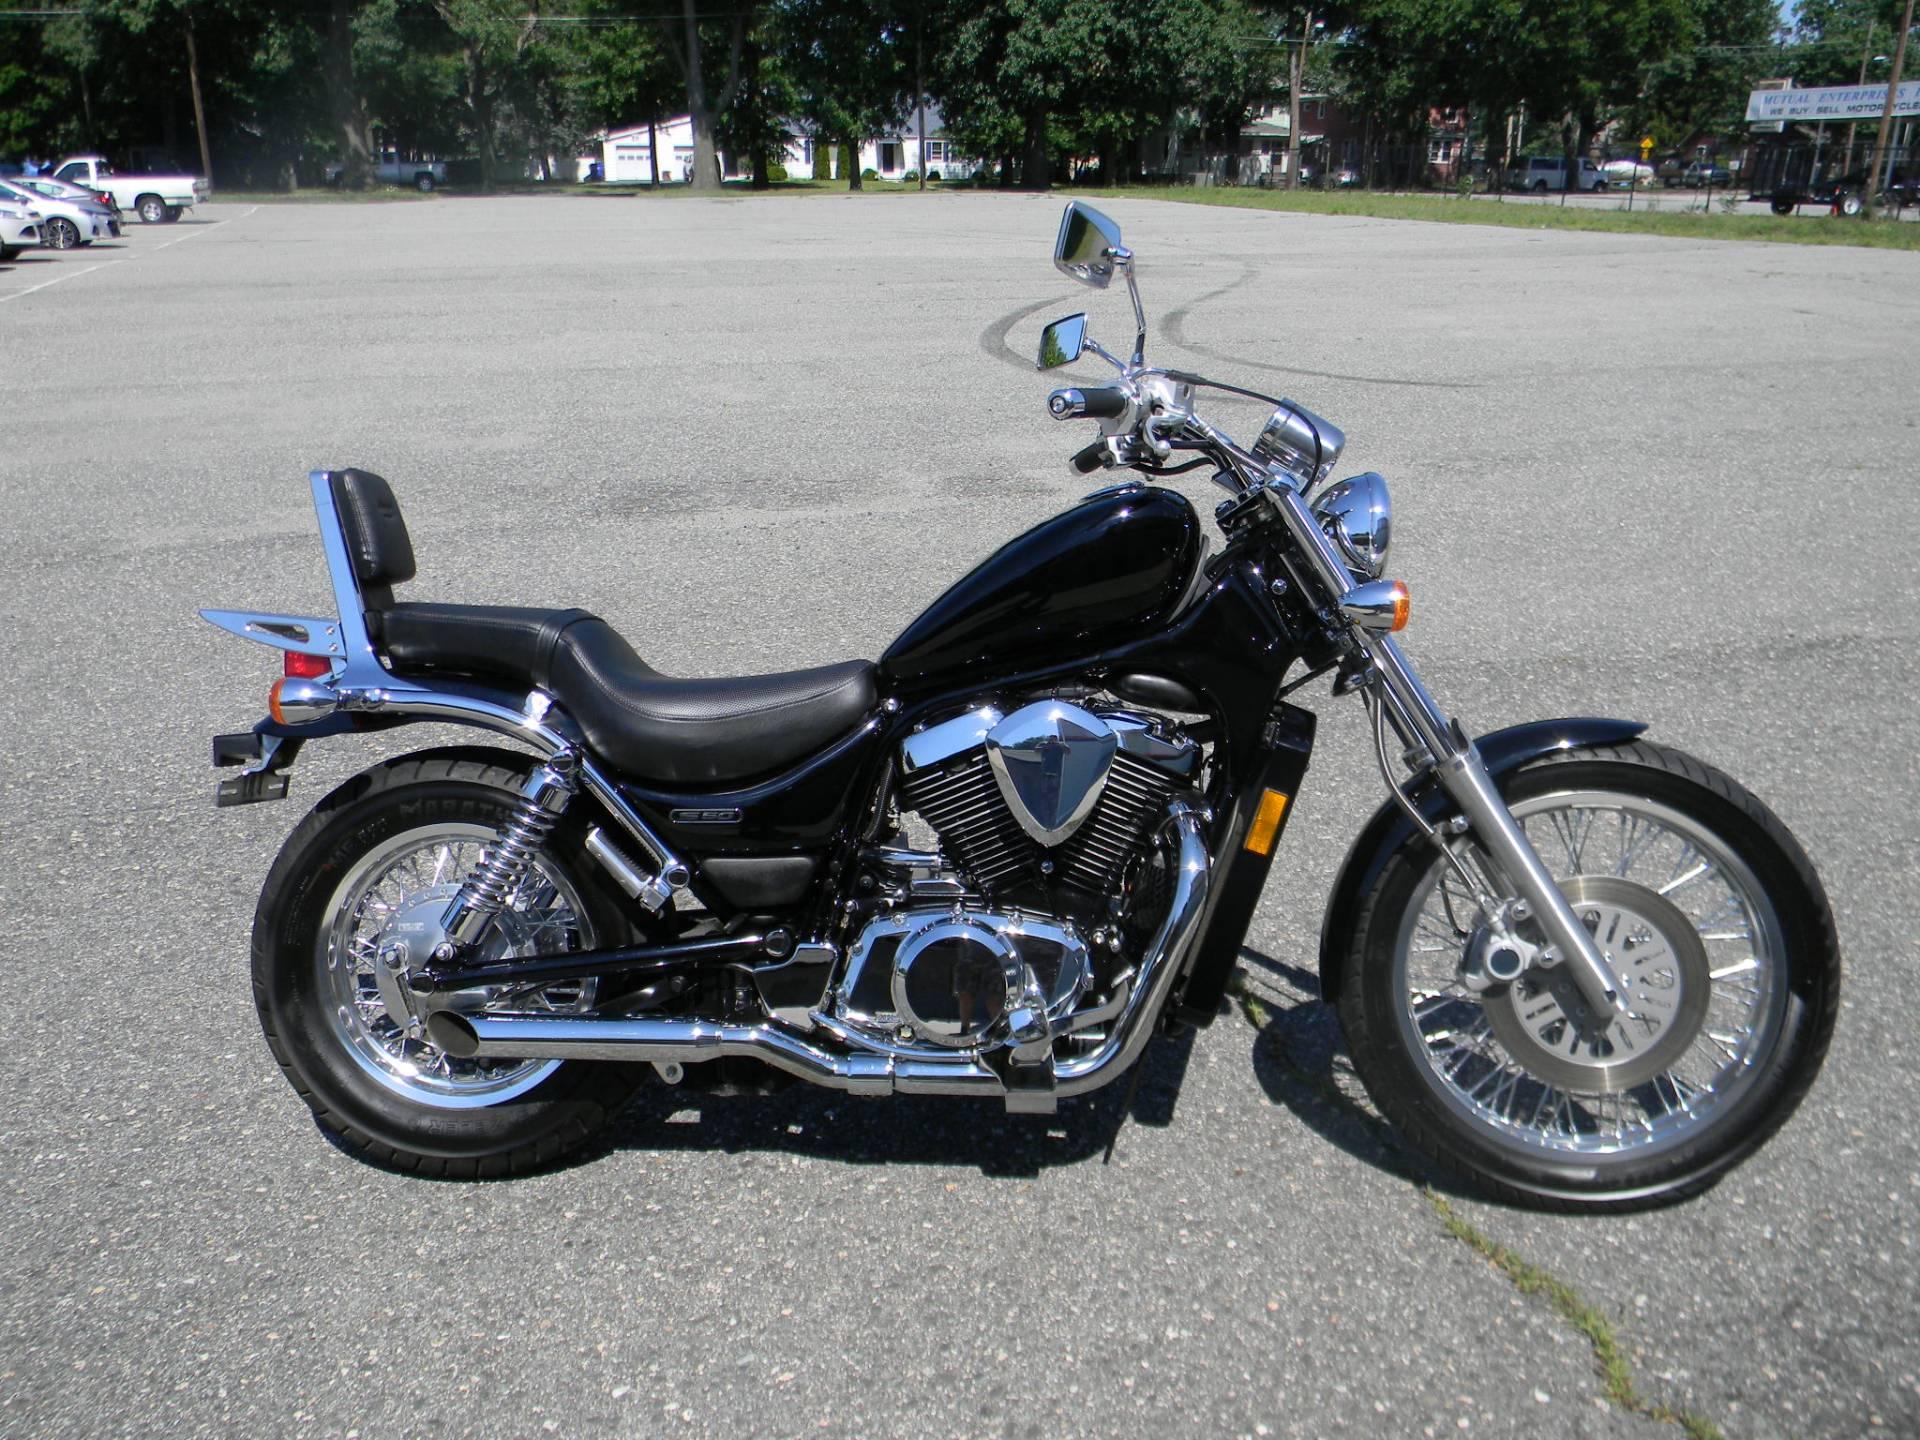 2006 Suzuki Boulevard S50 Motorcycles Springfield Massachusetts N/A